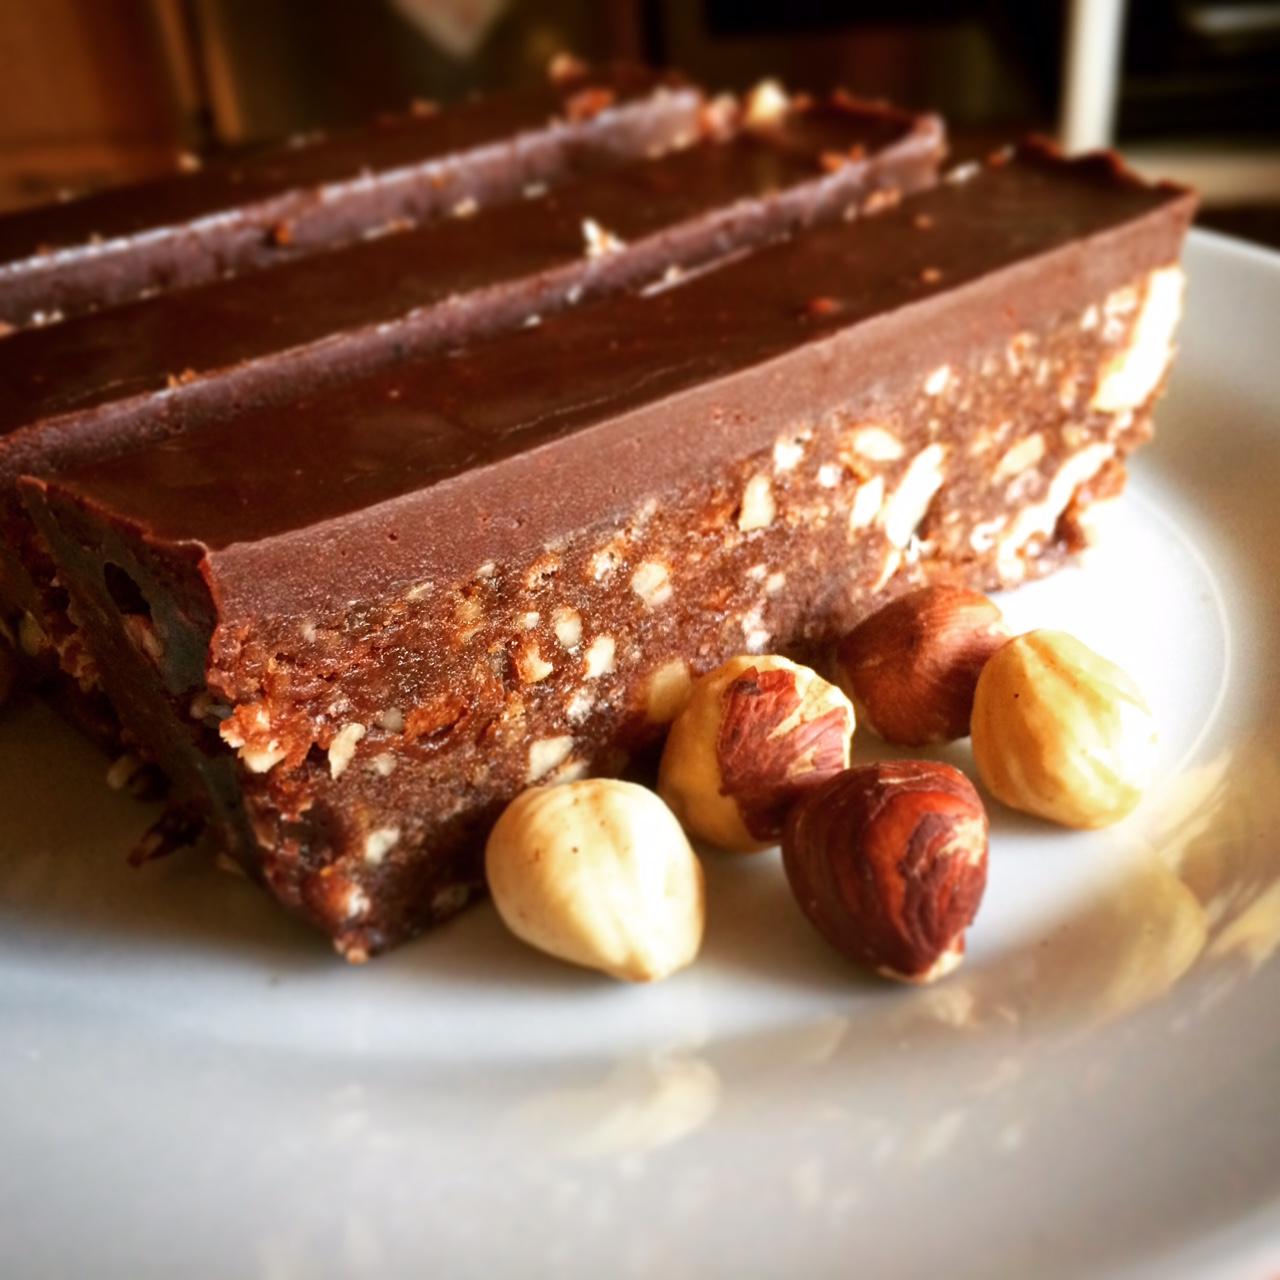 Τραγανός κορμός σοκολάτας με φουντούκια